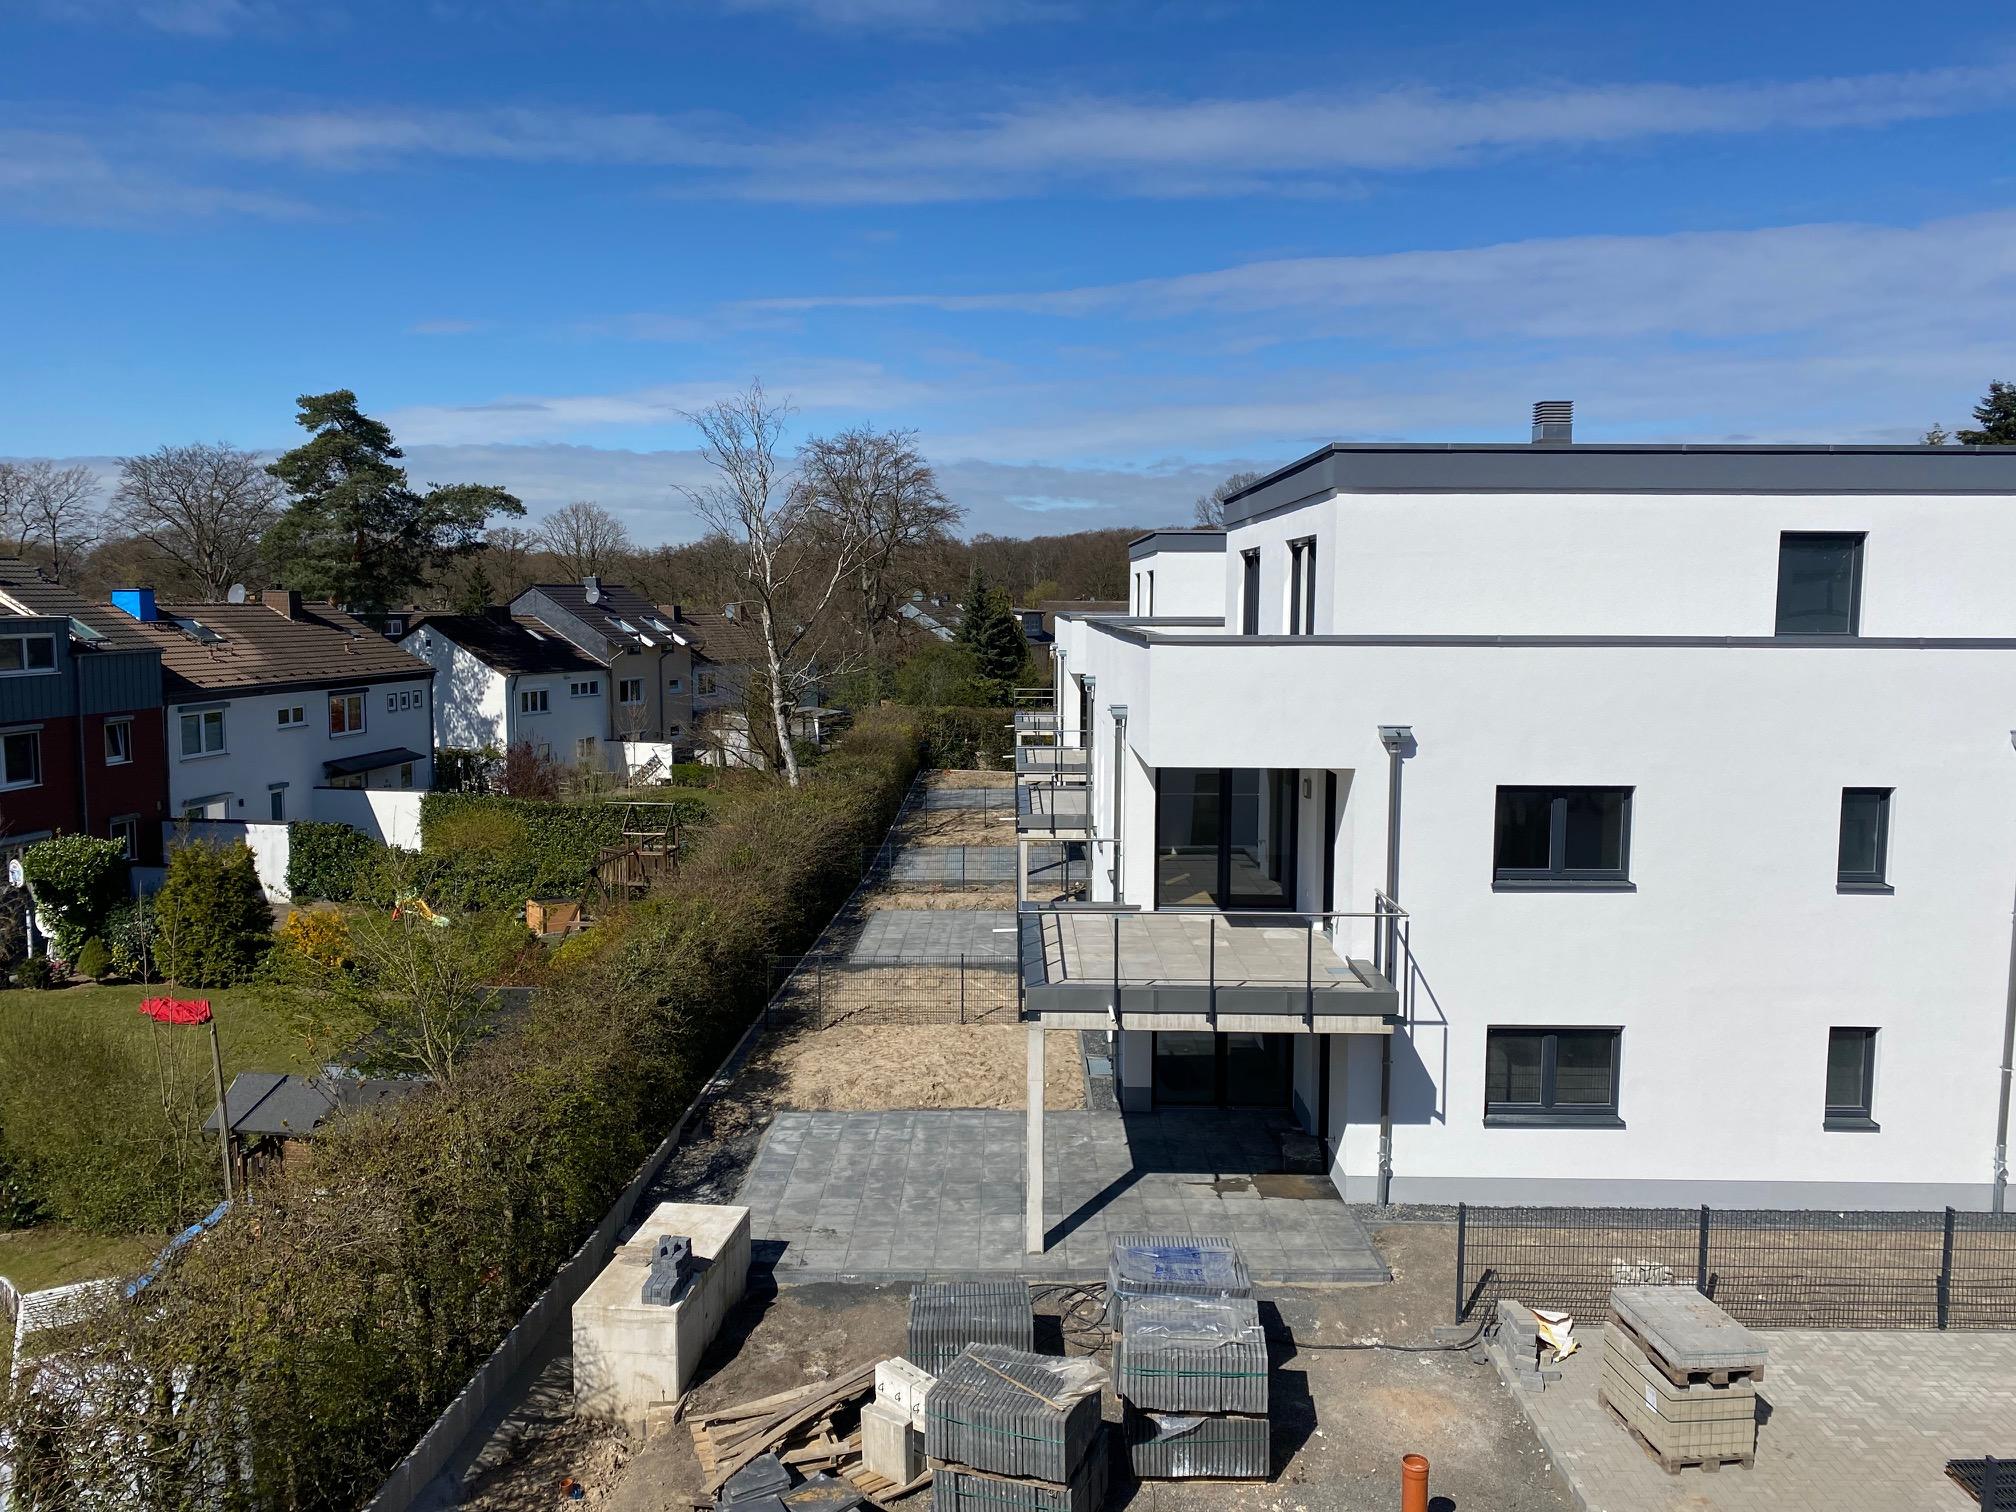 die Gärten und Terrassen der Häuser 1 und 2